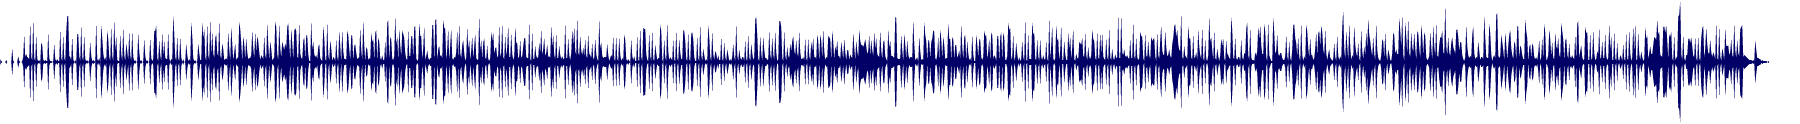 waveform of track #52148